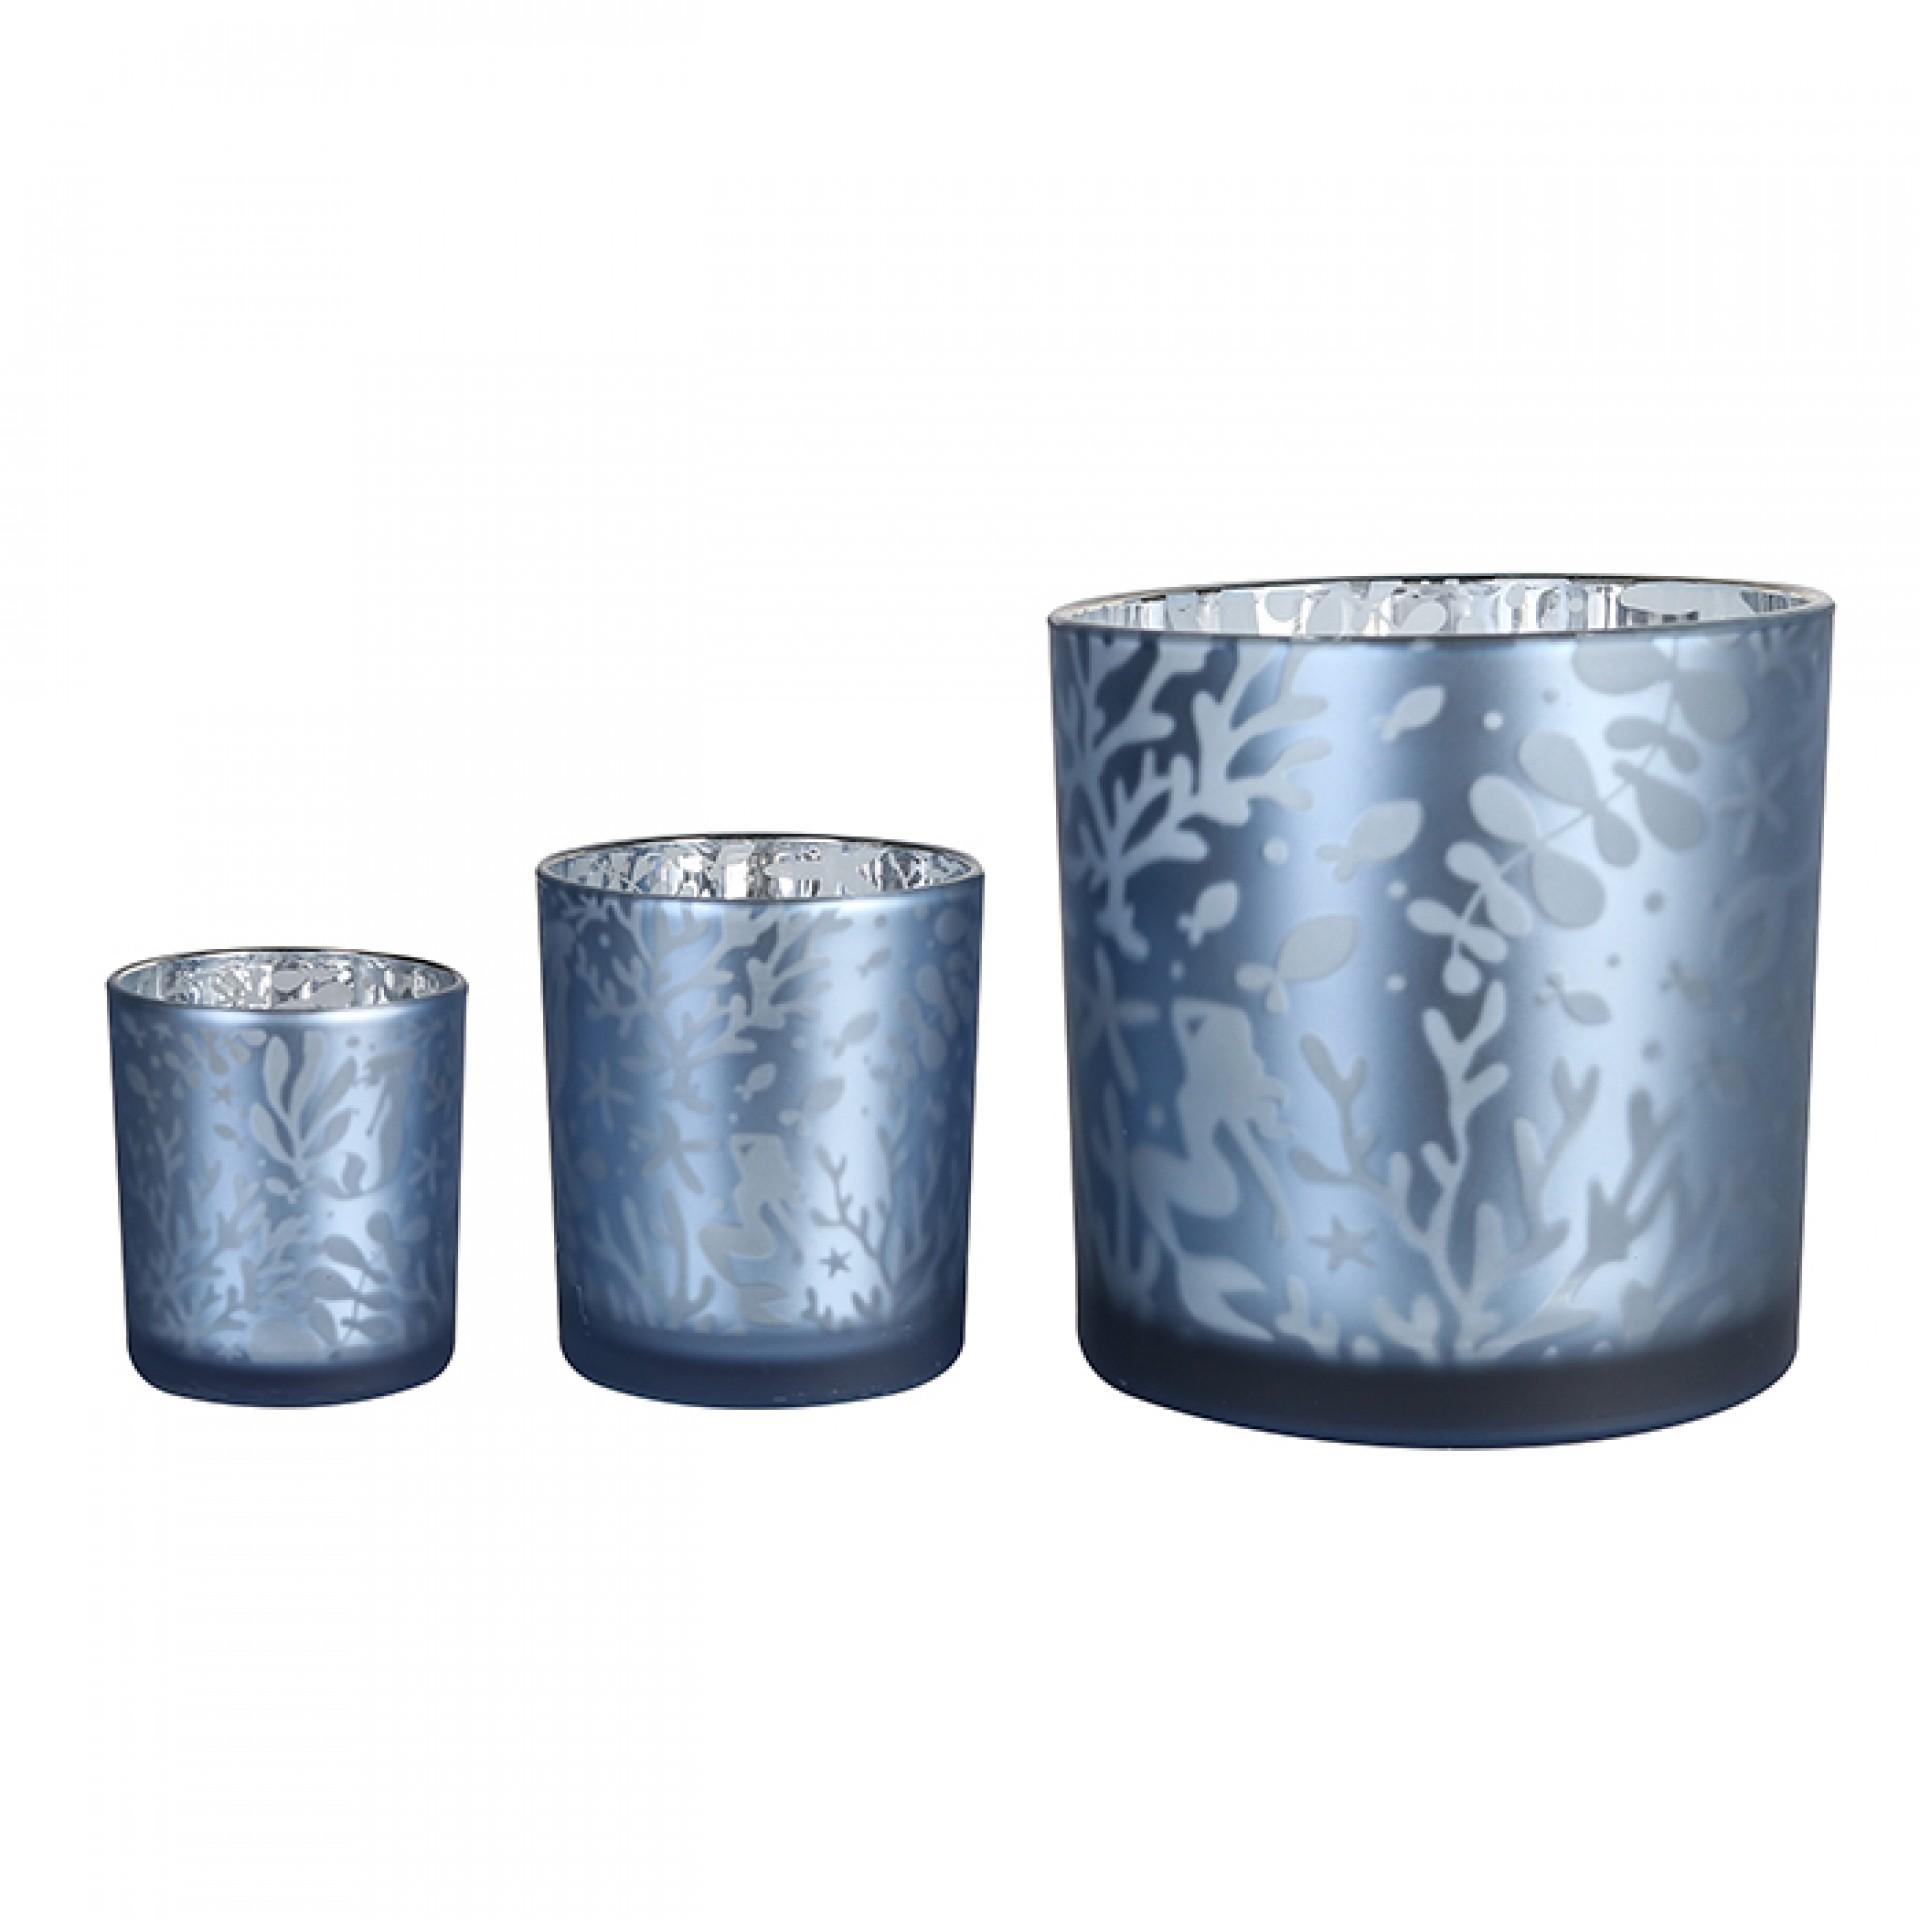 Skleněný čajový svícen Seaworld, 15 cm, modrá/stříbrná